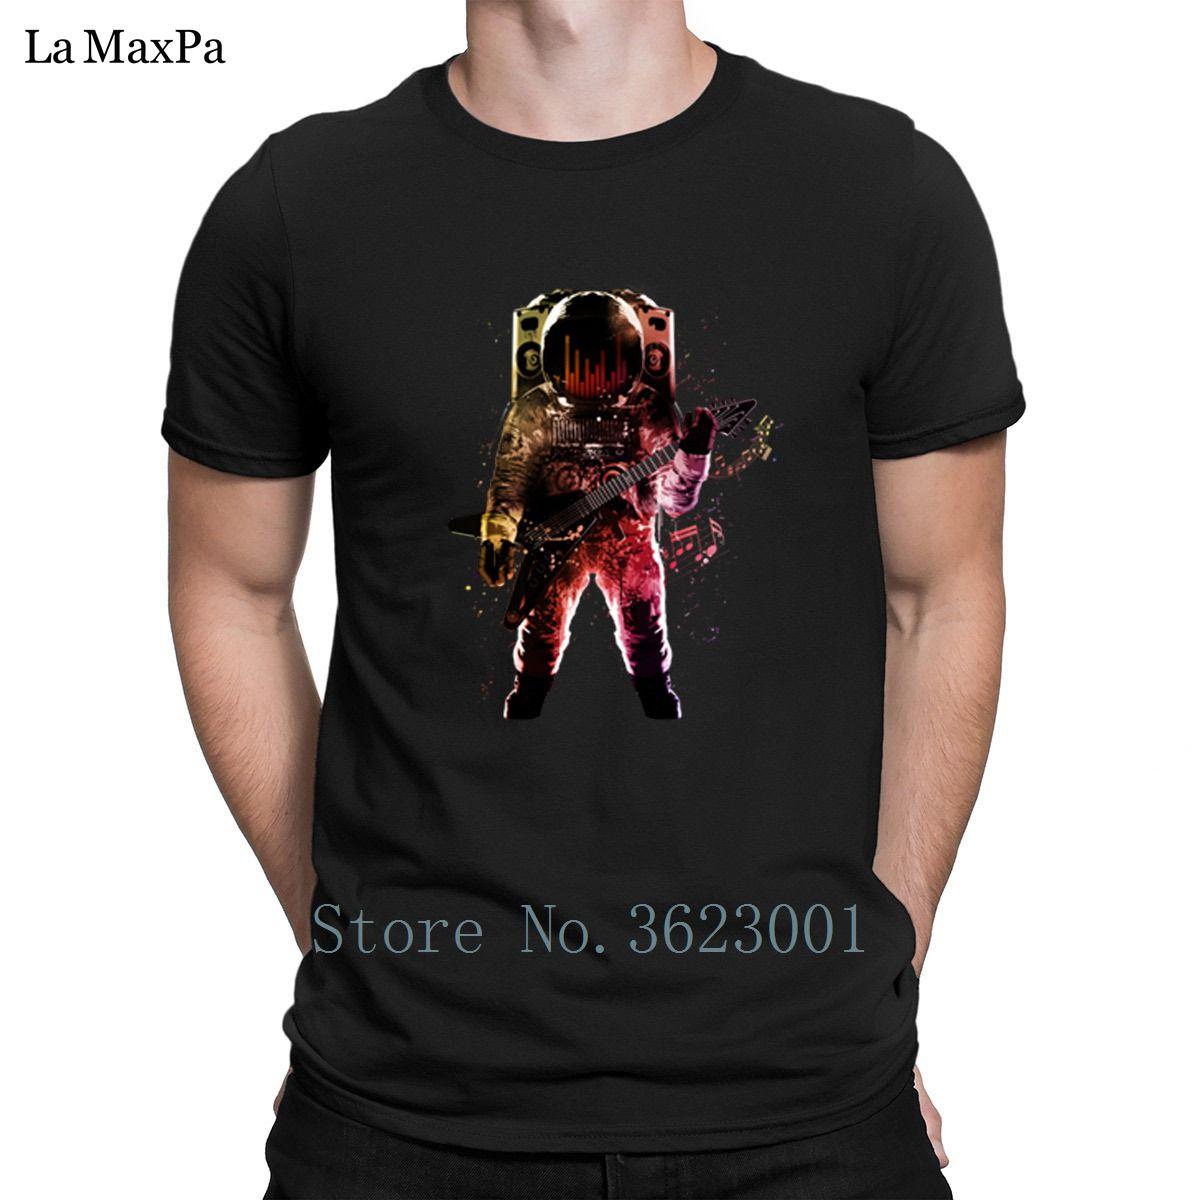 Camiseta del lema creativa clásica camiseta para hombre Astrosound camiseta caballero camiseta de los hombres para los hombres cuello redondo HipHop Tops